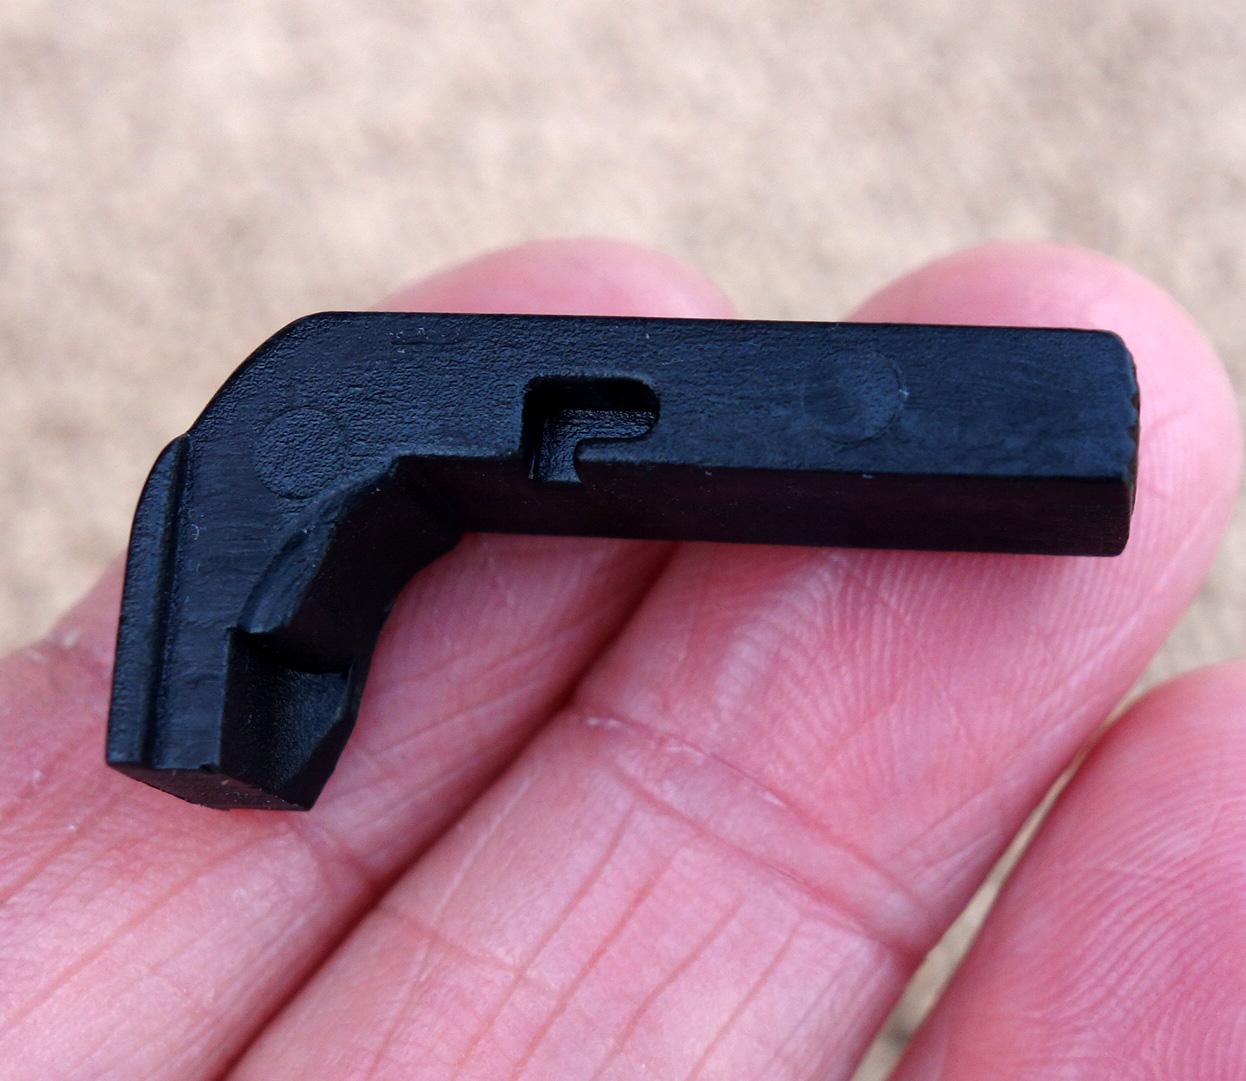 Glock Gen 1 & Pencil Barrel Unmarked 287 Magazine Catch